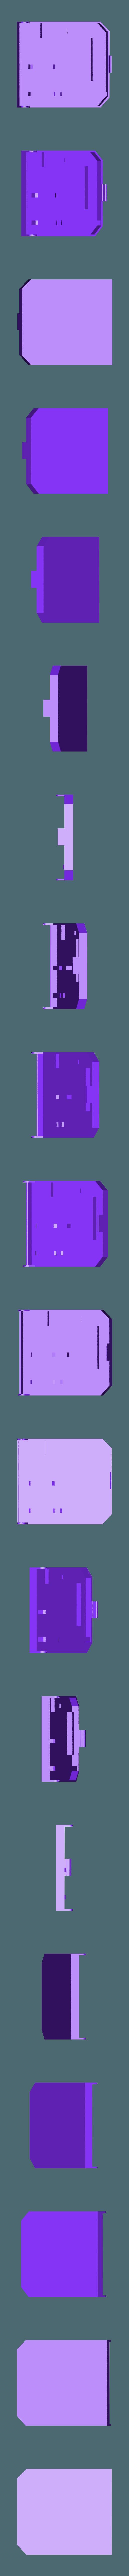 tap_die_case_01_top.stl Download free STL file Tap & Die Hinged Case • Model to 3D print, peaberry